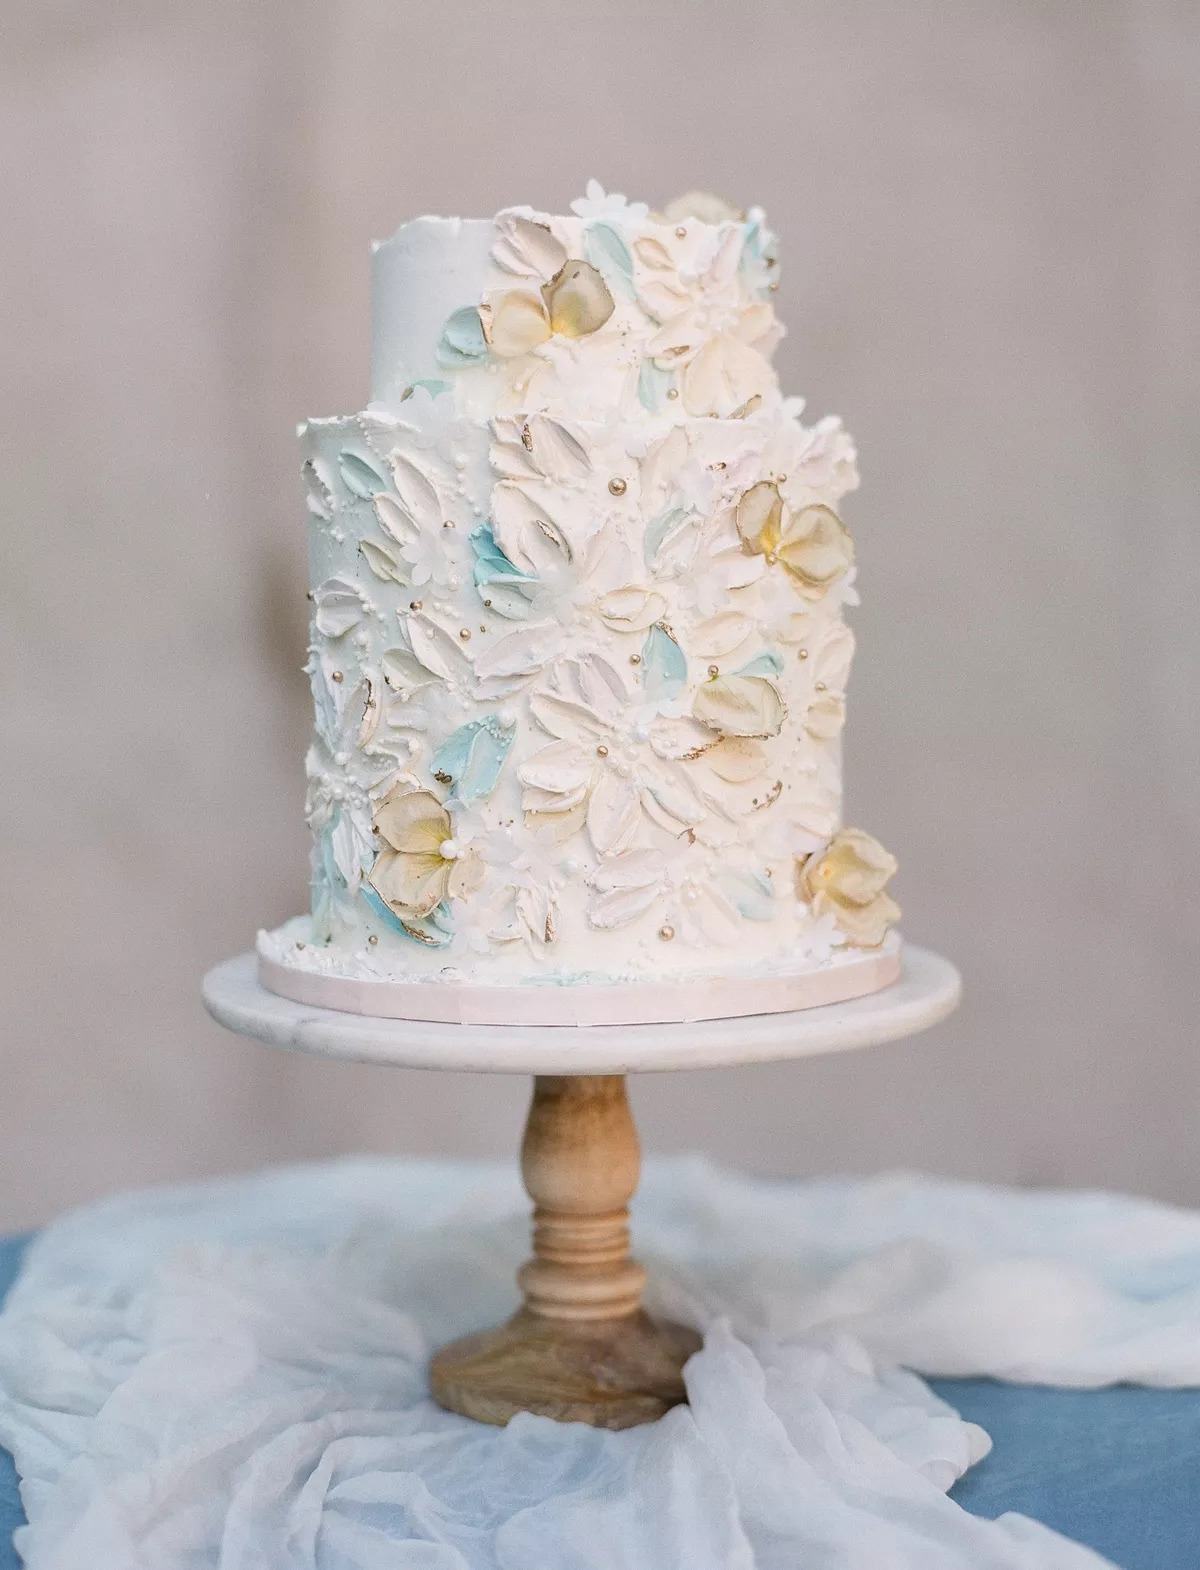 XzSh8BwhQ4c - Свадебный торты 2021 года - готовимся к открытию сезона